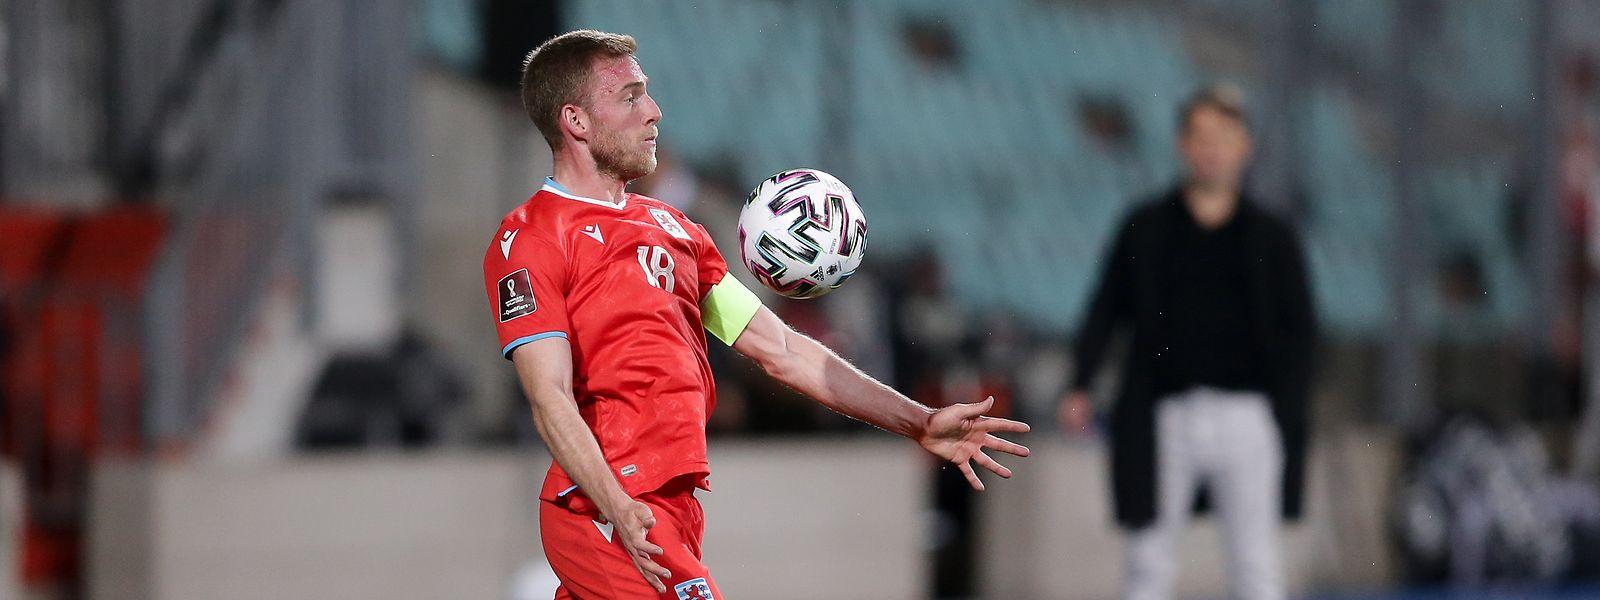 Laurent Jans, capitão dos leões vermelhos.